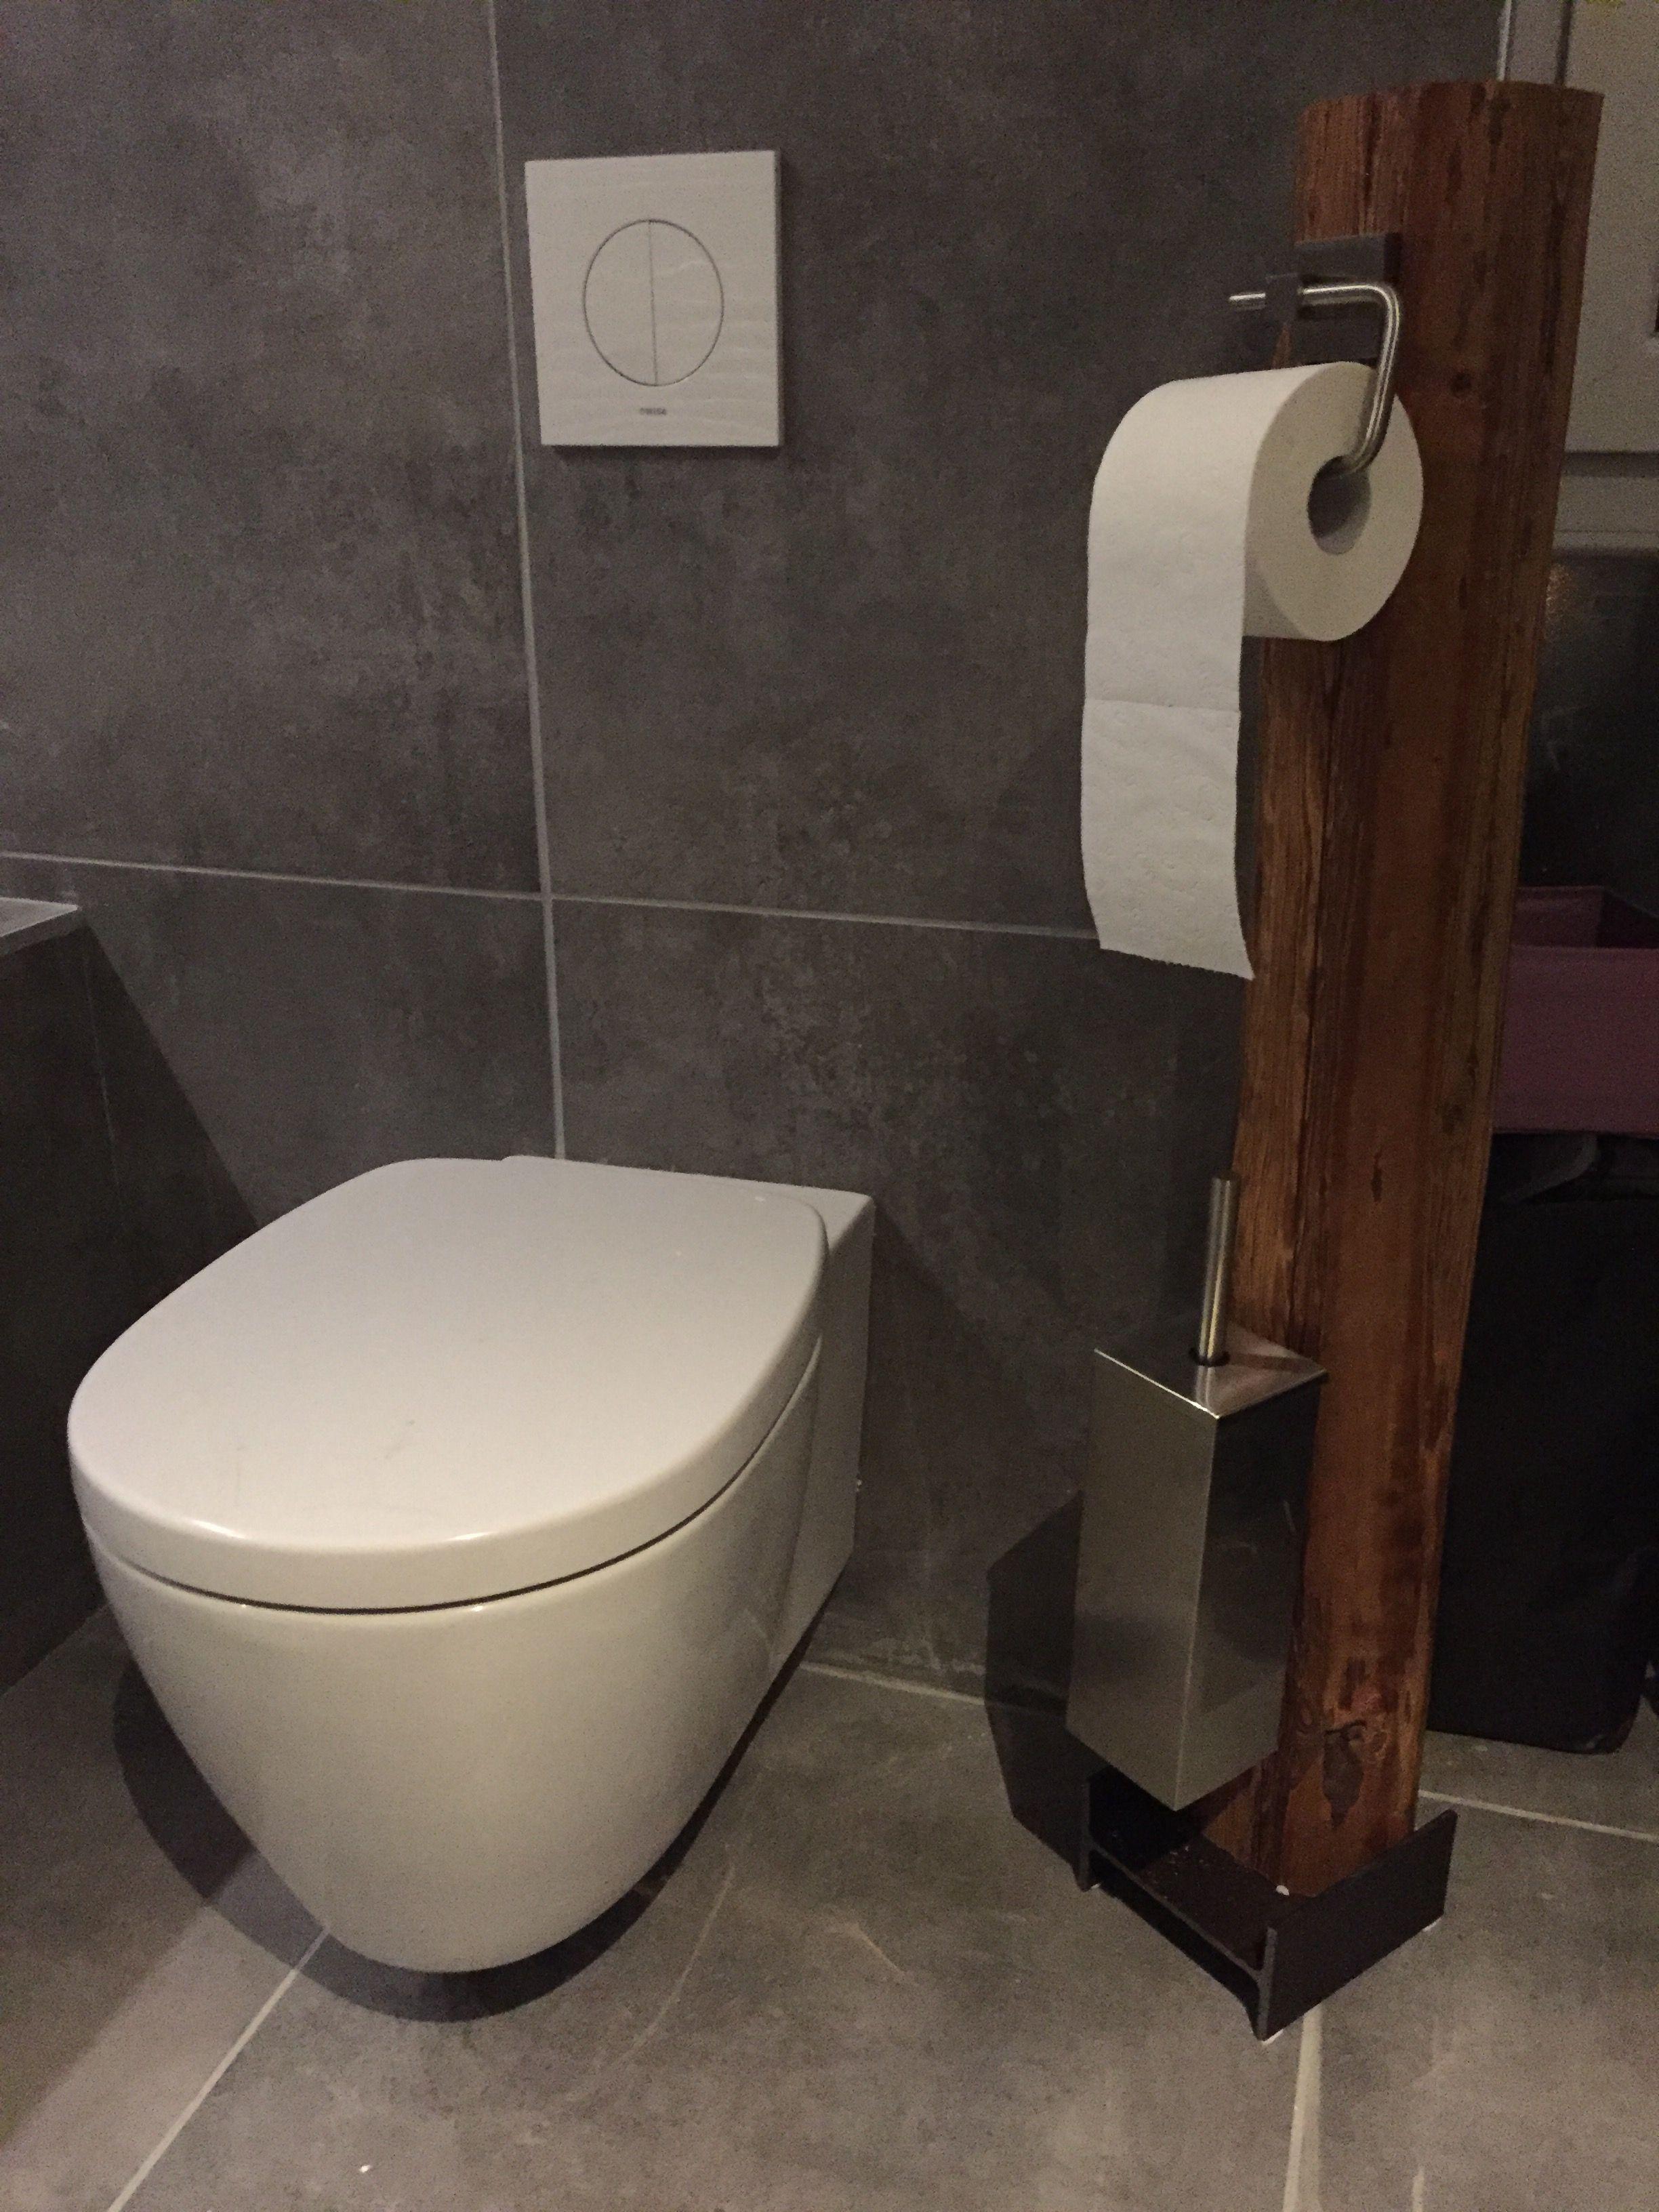 WC Garnitur Holz Stahl Wc garnitur